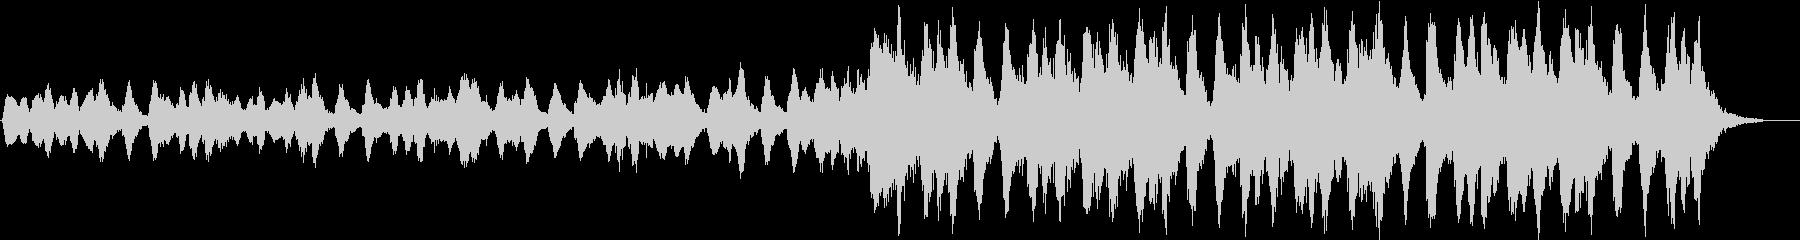 弦楽器のみの緊迫したBGMの未再生の波形